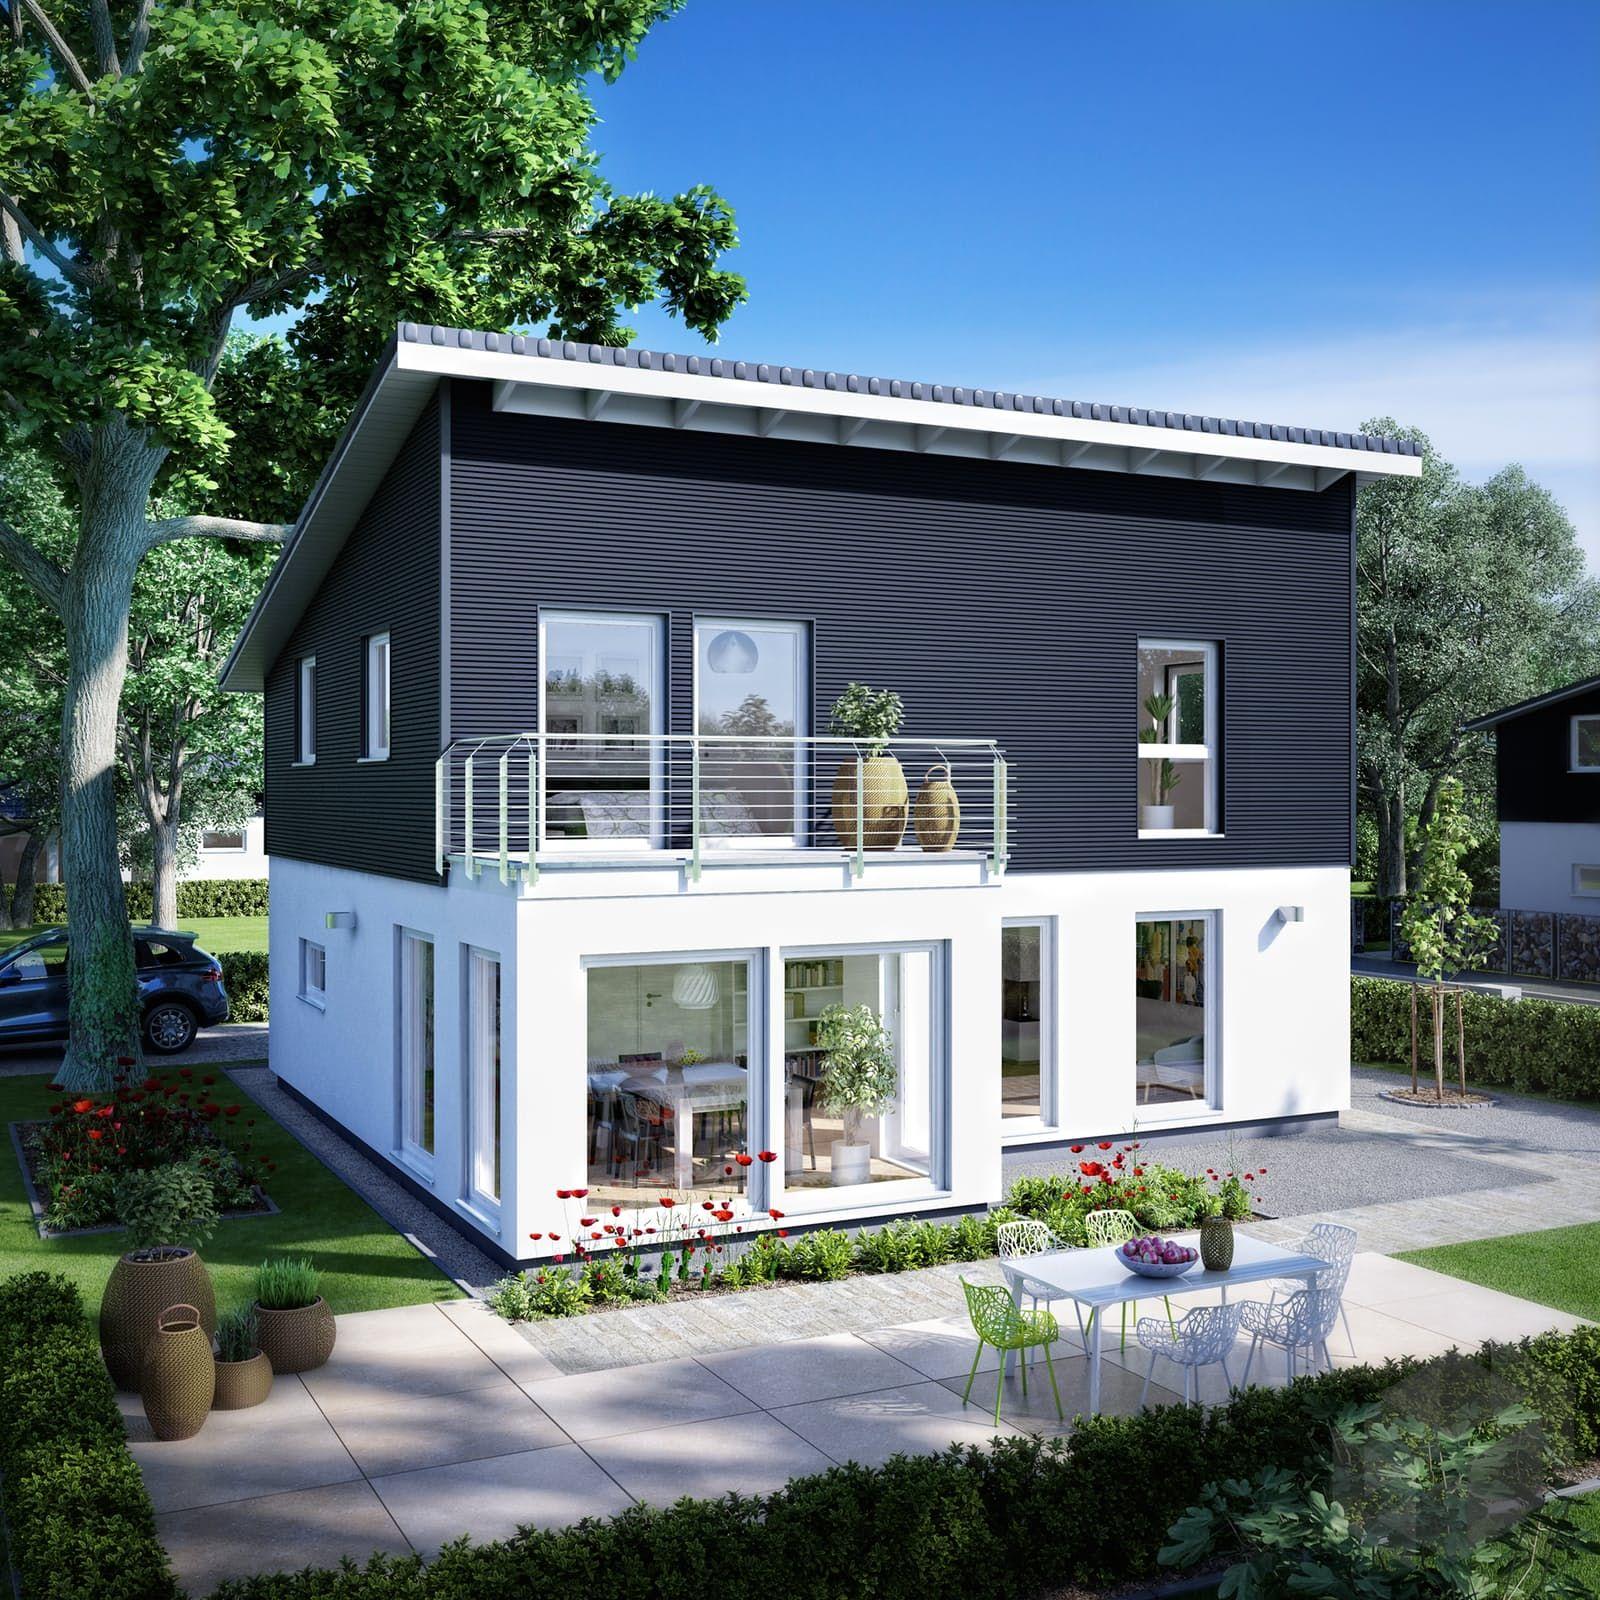 Neubau Einfamilienhaus Flachdach: Finde Eine Große Auswahl An Häusern Mit Pultdächern Beim